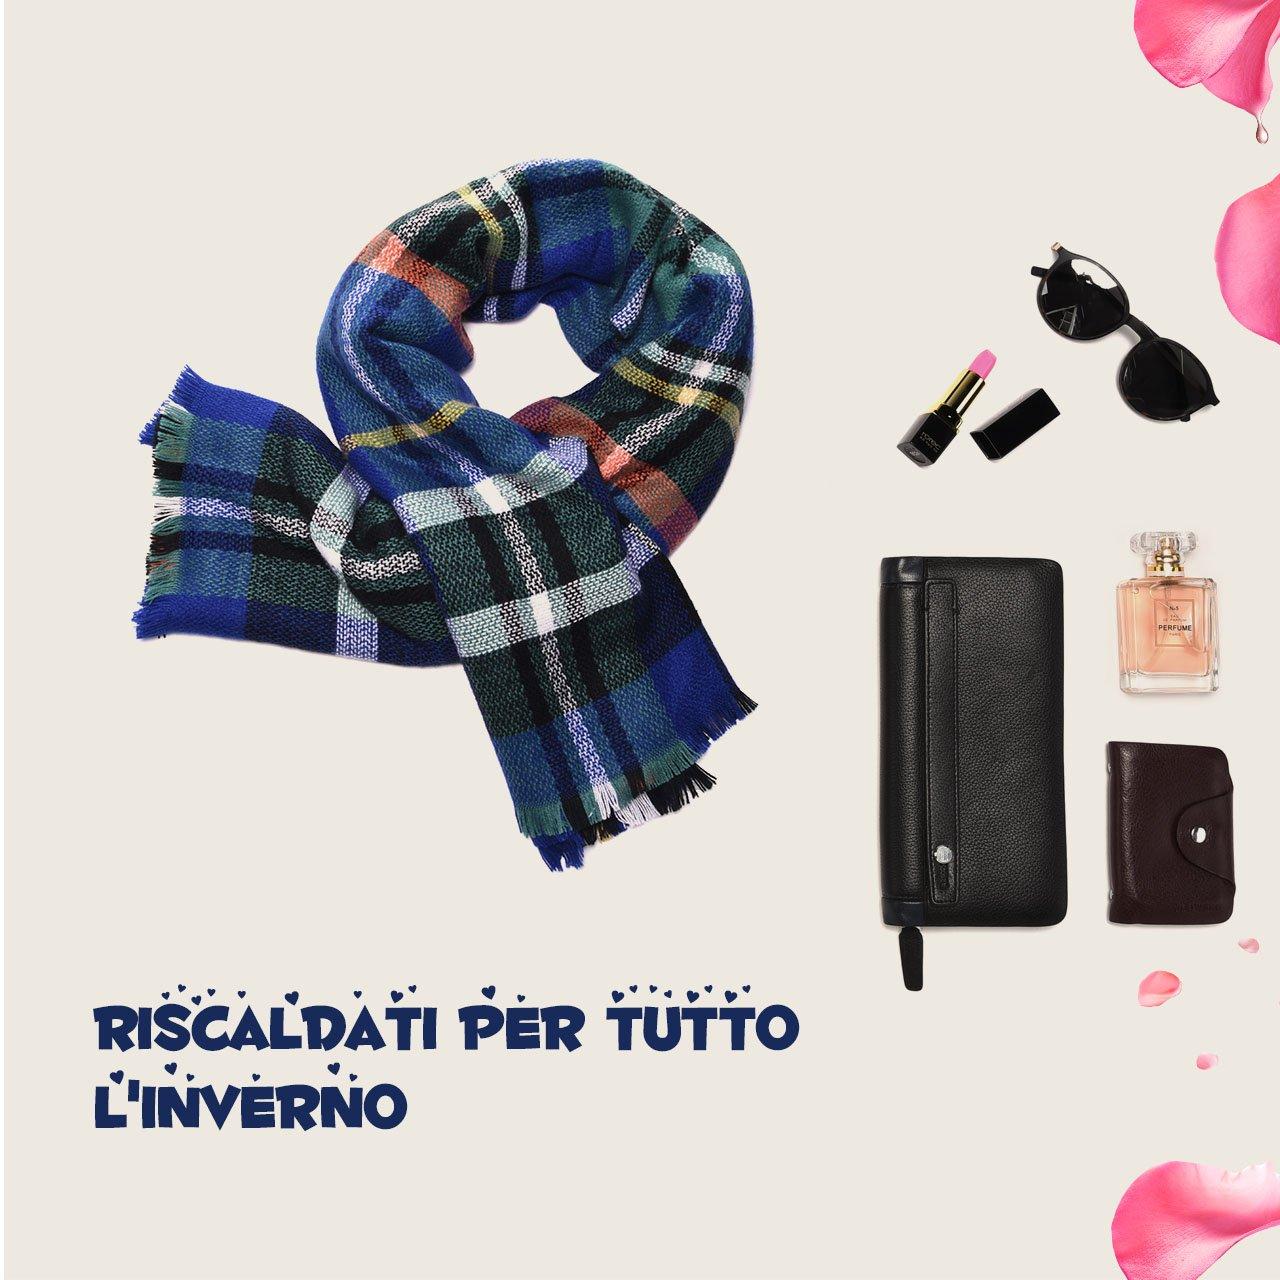 Atmoko Écharpe Châle Plaid Cachemire Hiver Automne Printemps en Tricot Laine  Coton Tissu Glands à la Mode pour Femme Fille Homme Garçon, Cadeaux de Fête  des ... b2fa713a3e9